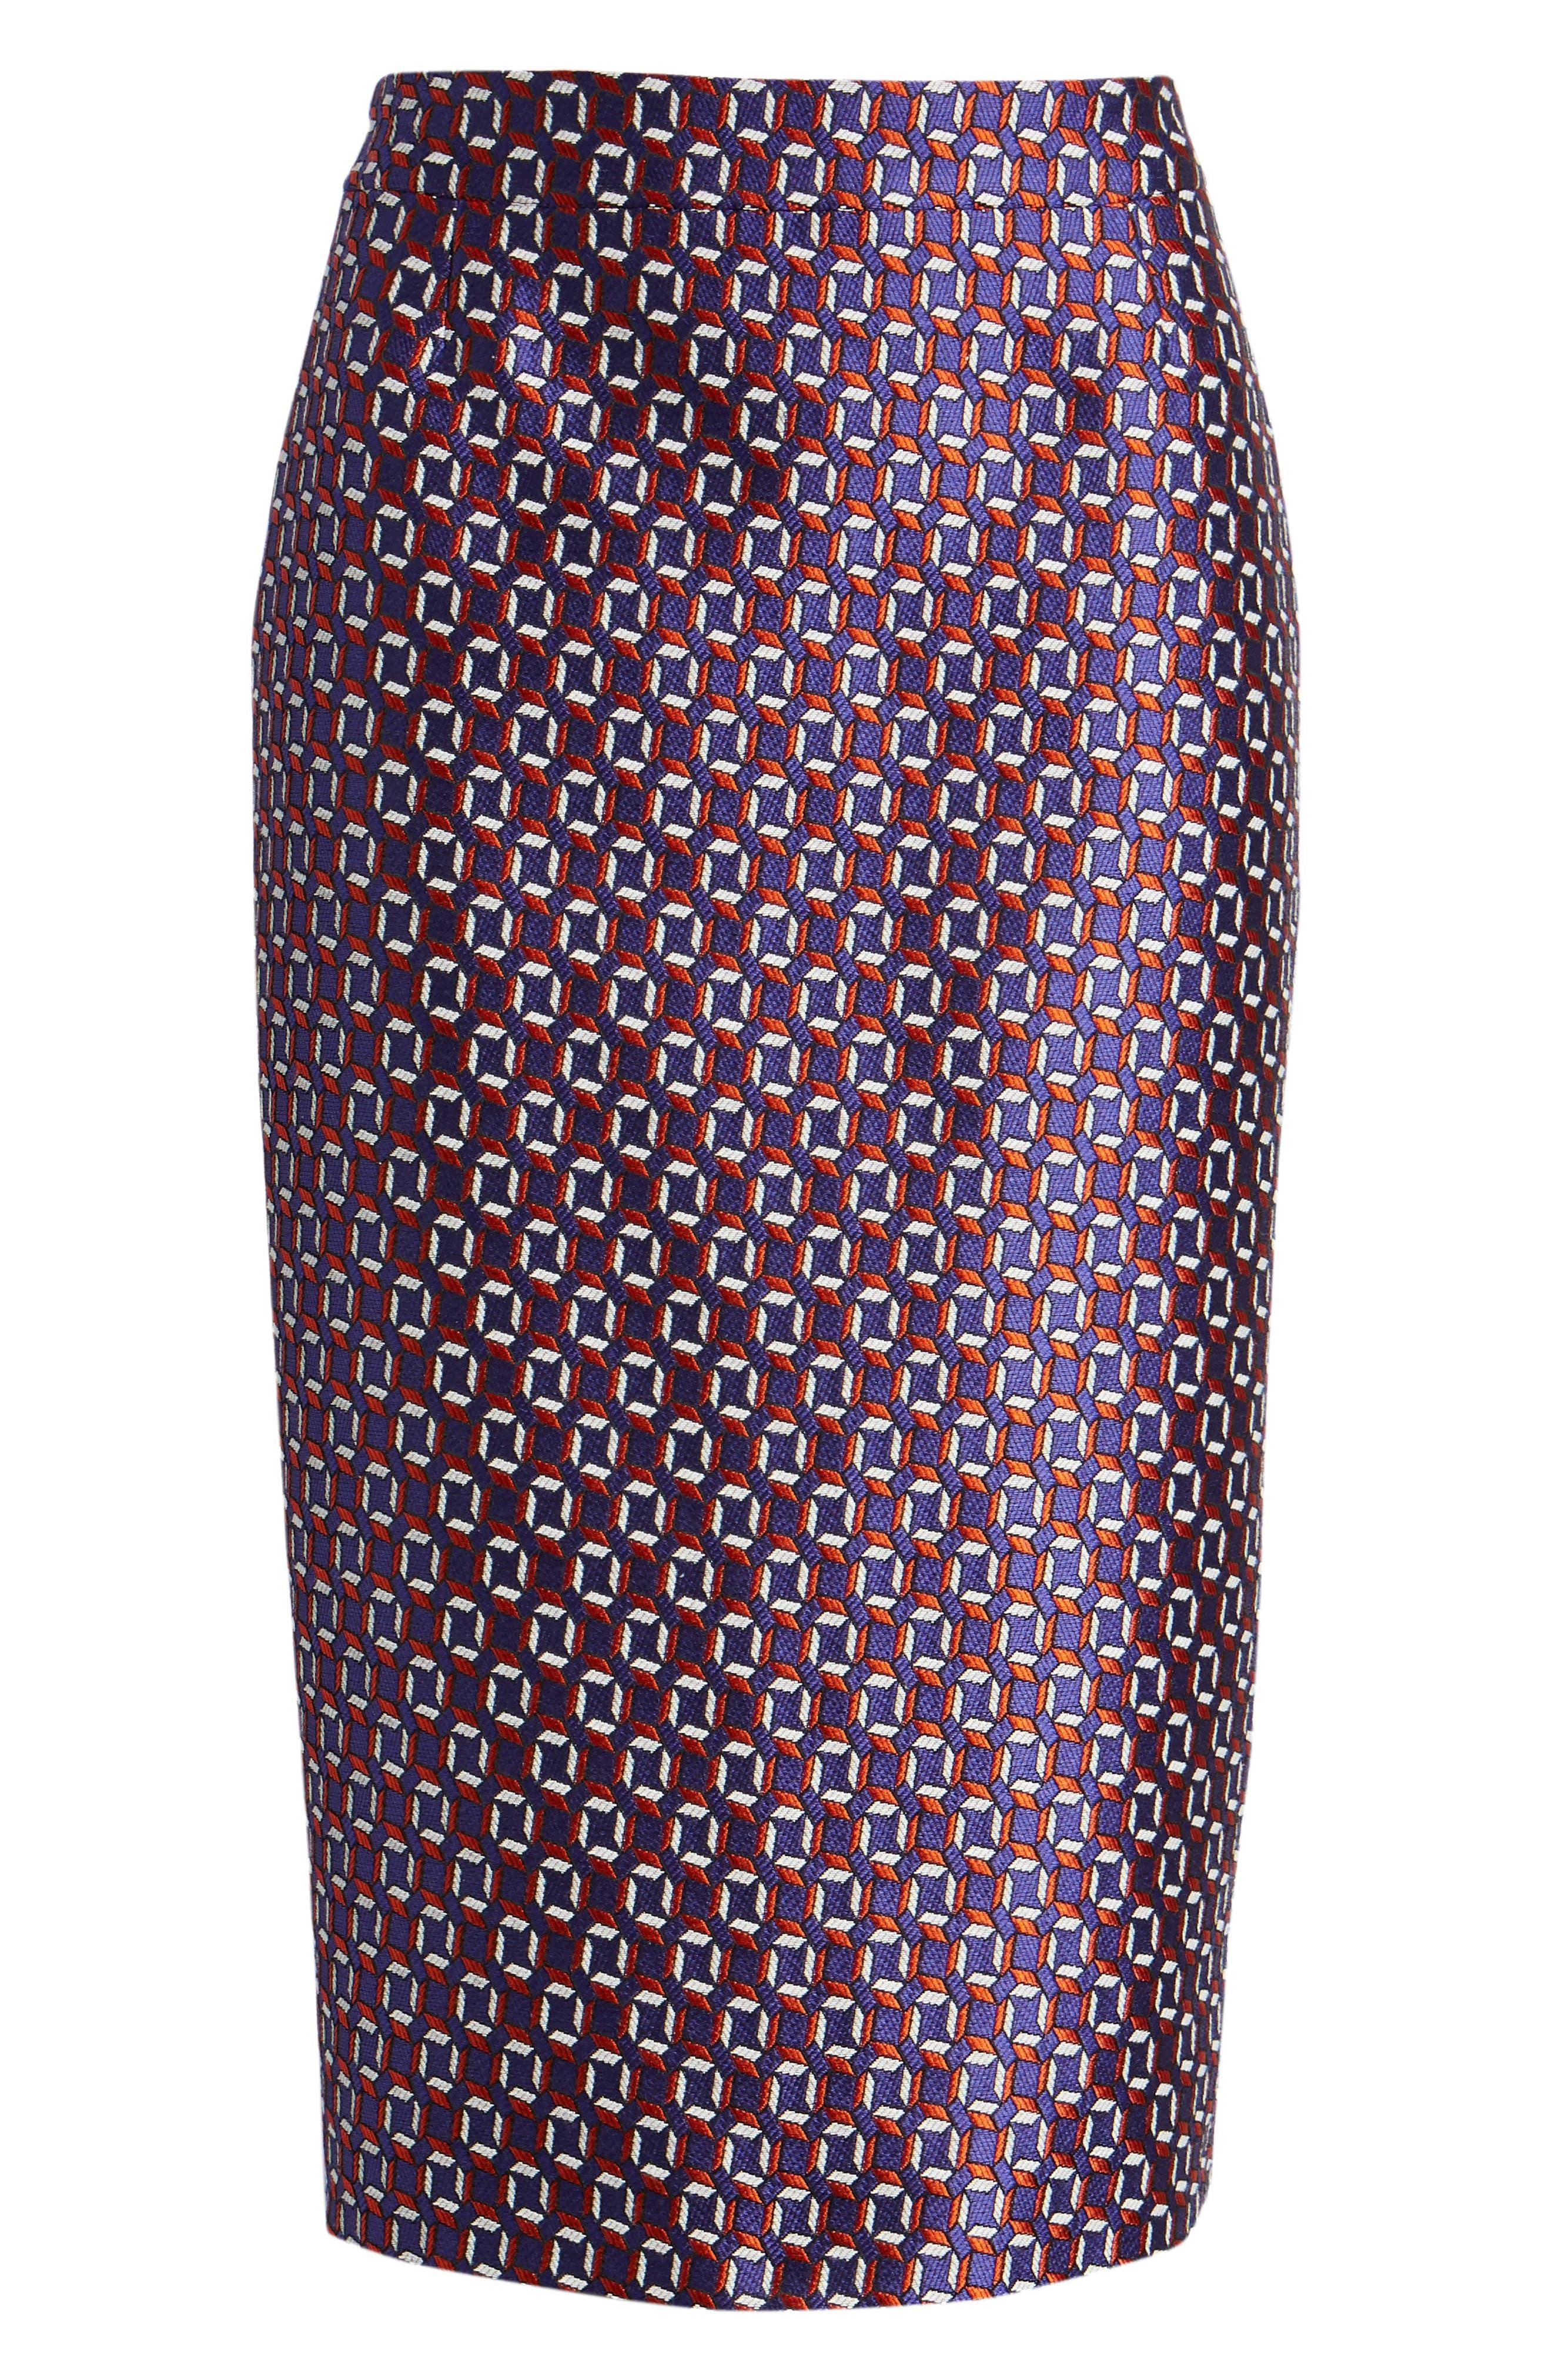 Varines Jacquard Pencil Skirt,                             Alternate thumbnail 6, color,                             575